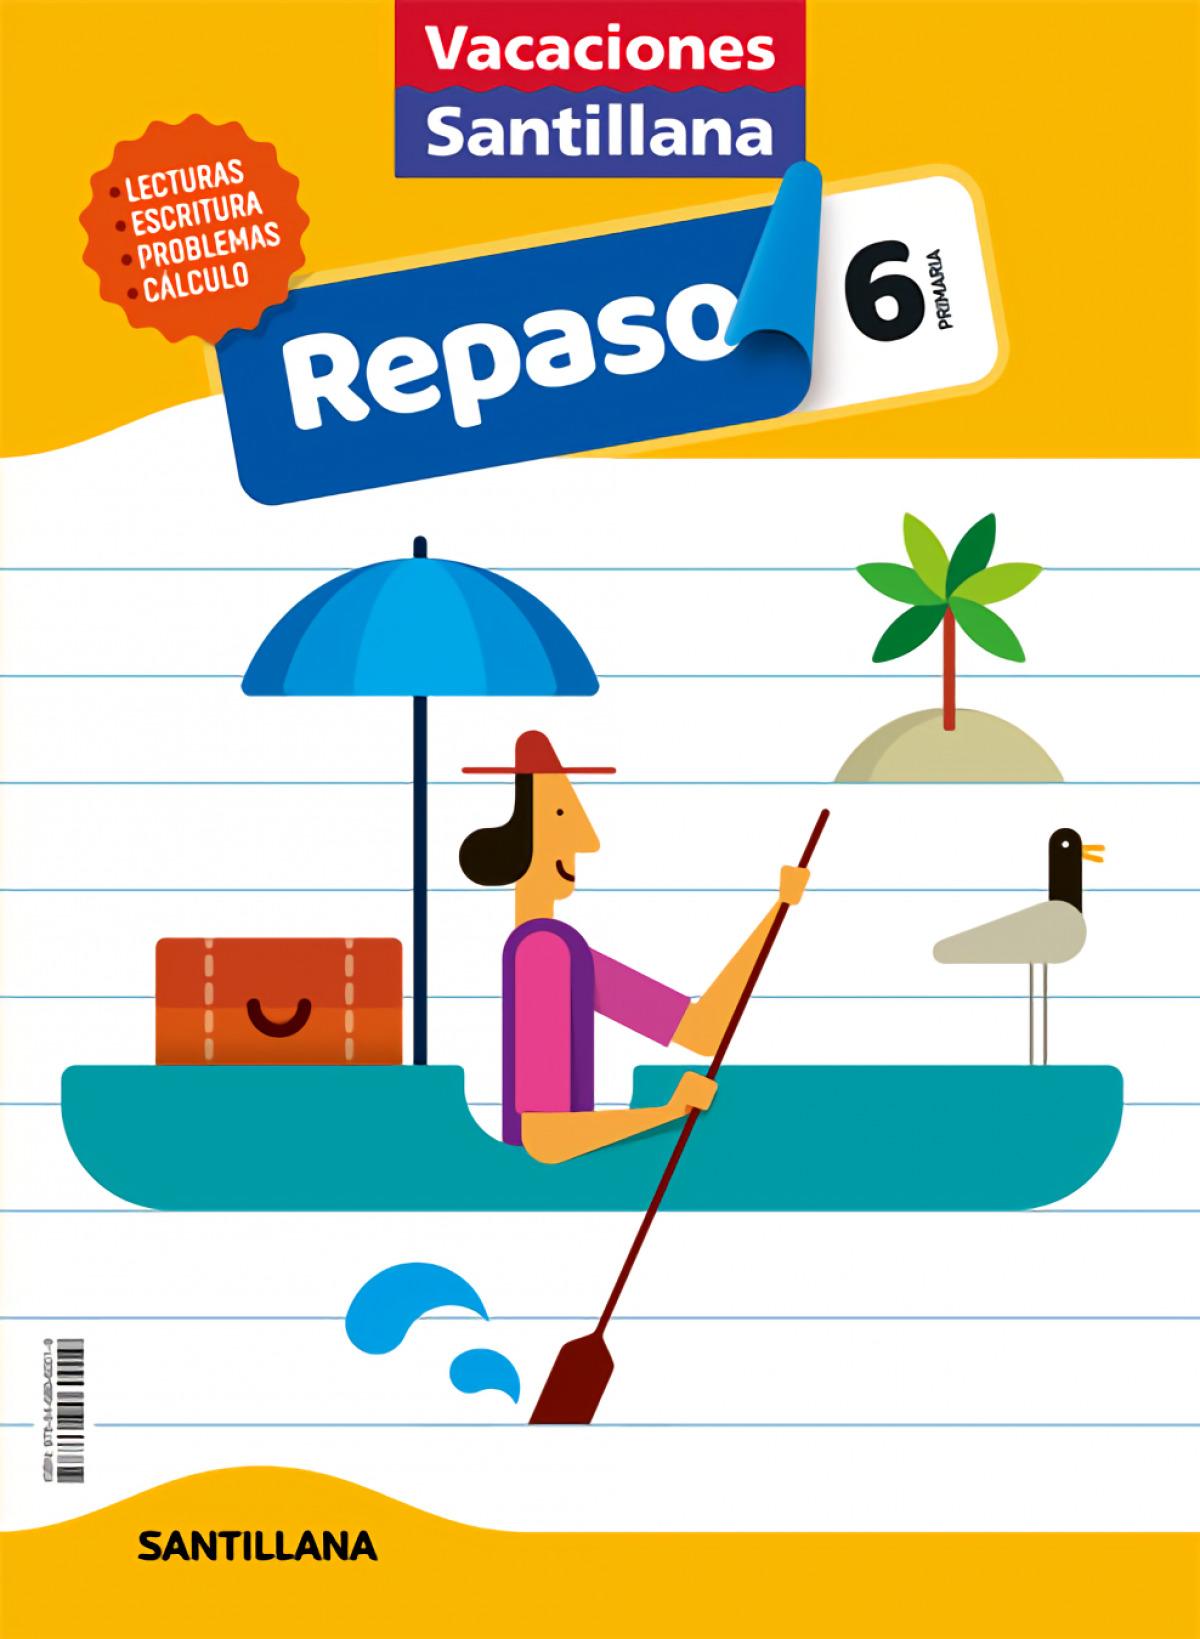 VACACIONES REPASO 6o.EP 2020 9788468060019